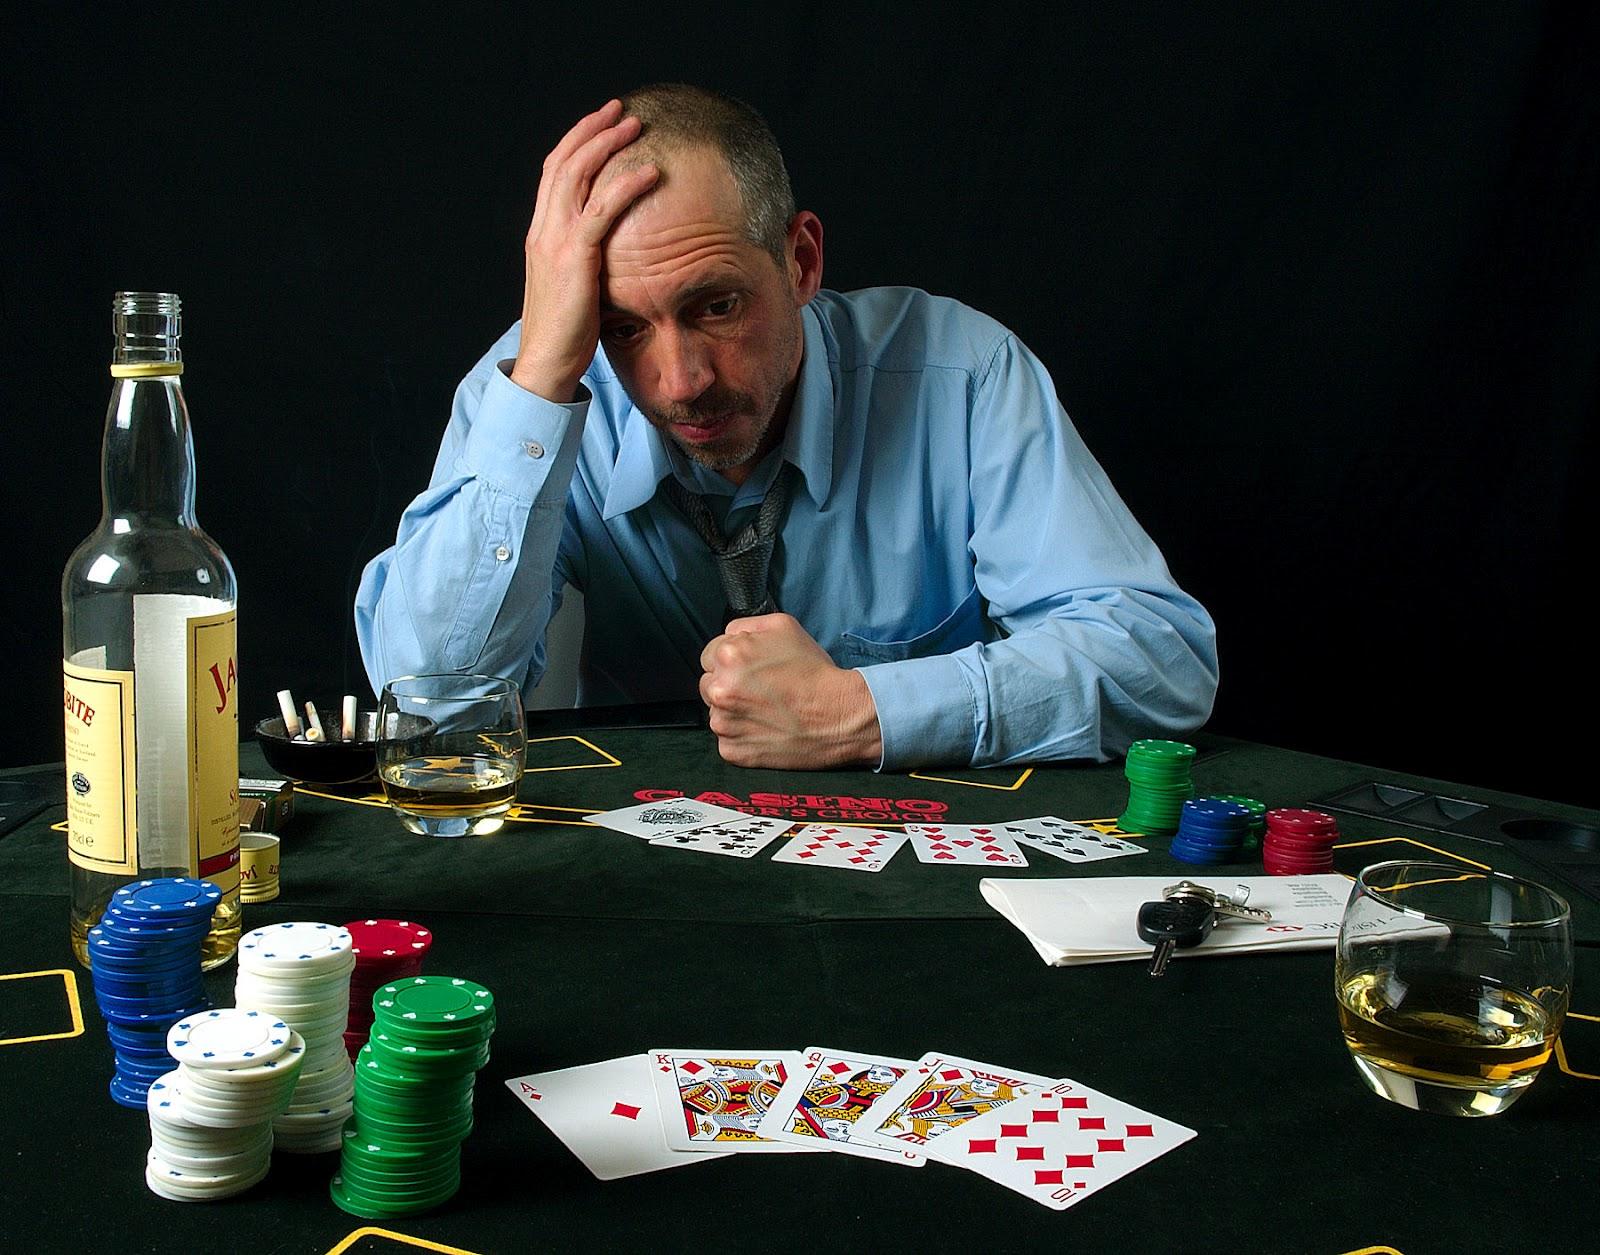 Droga e gioco d'azzardo fra le cause di separazione